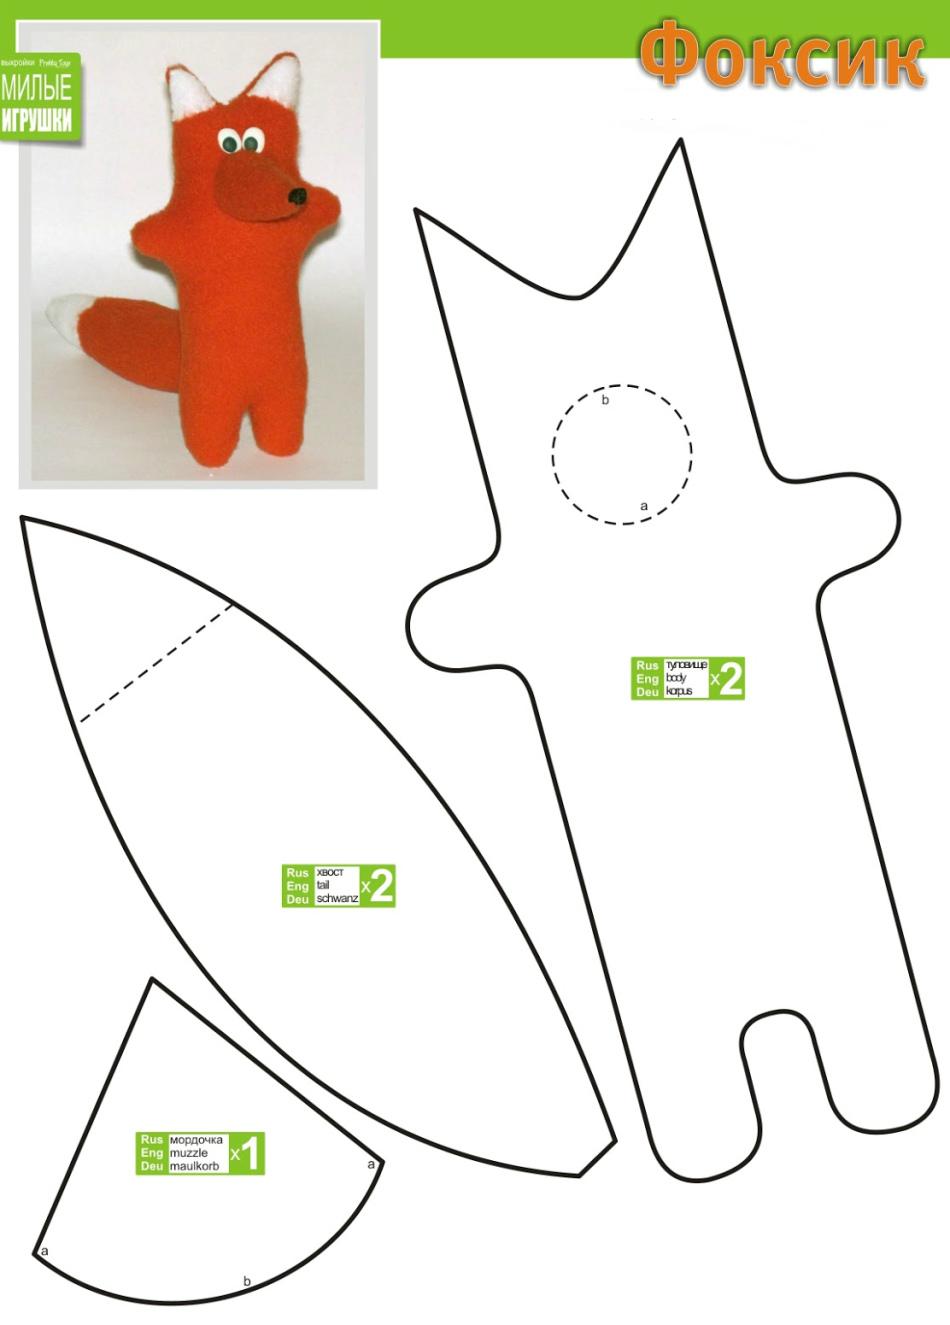 Мягкие игрушки своими руками: выкройки для начинающих и видео 39